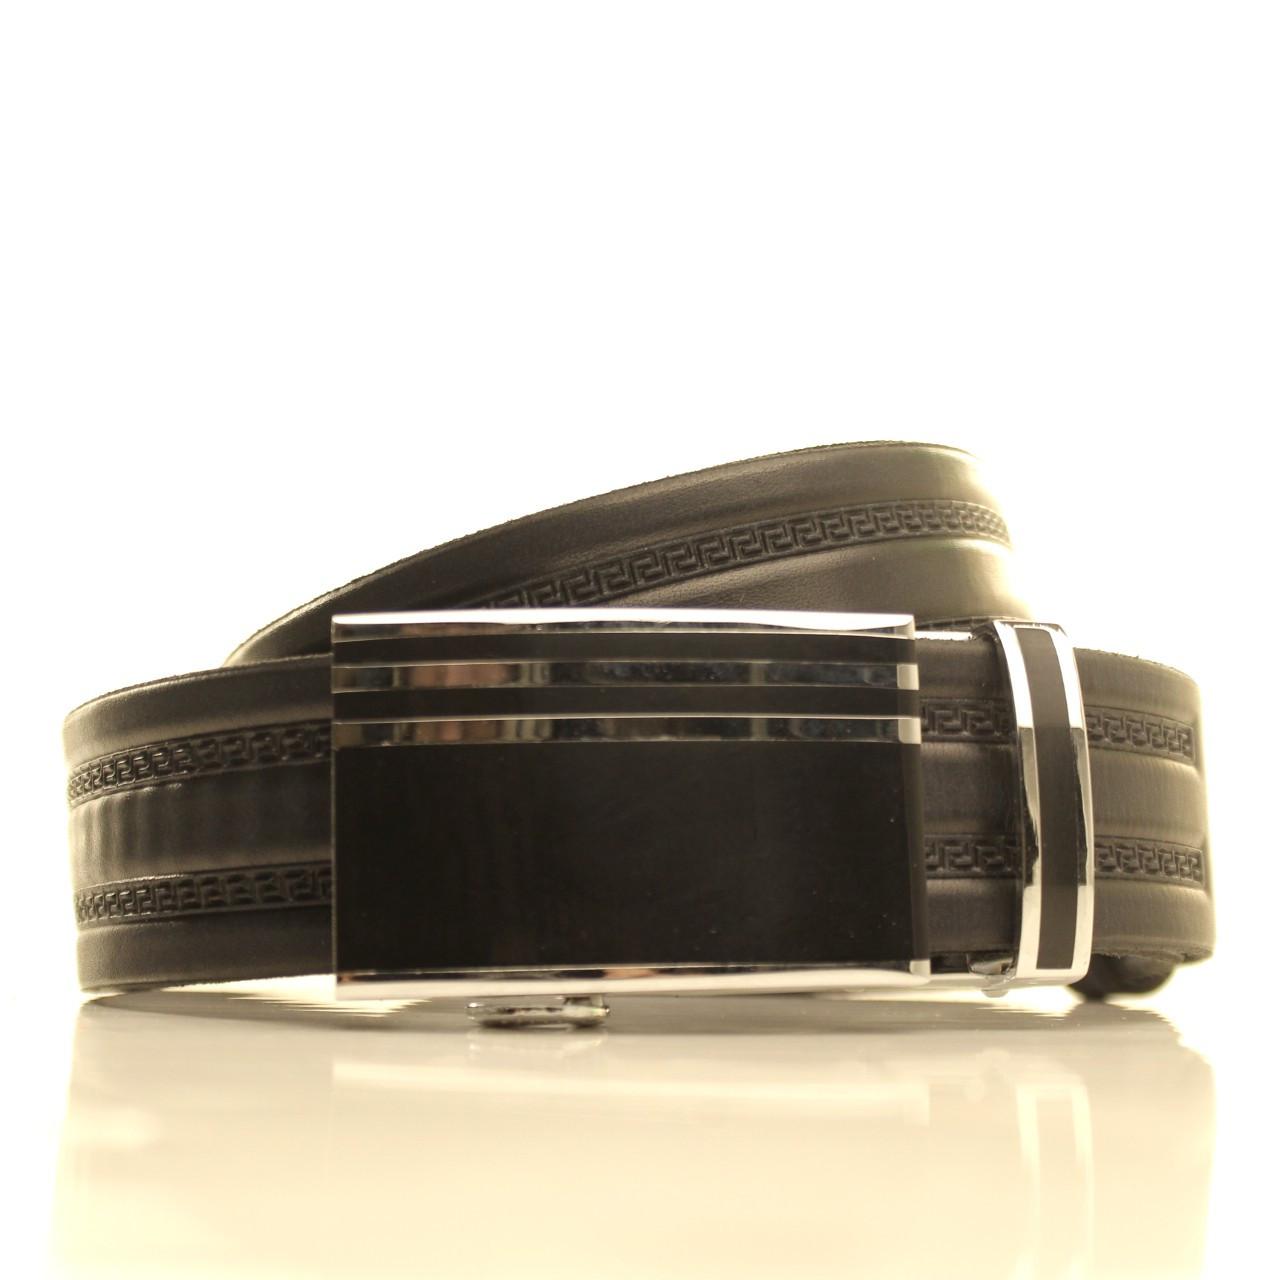 Ремень кожаный Lazar 120-125 см коричневый l35u1a144